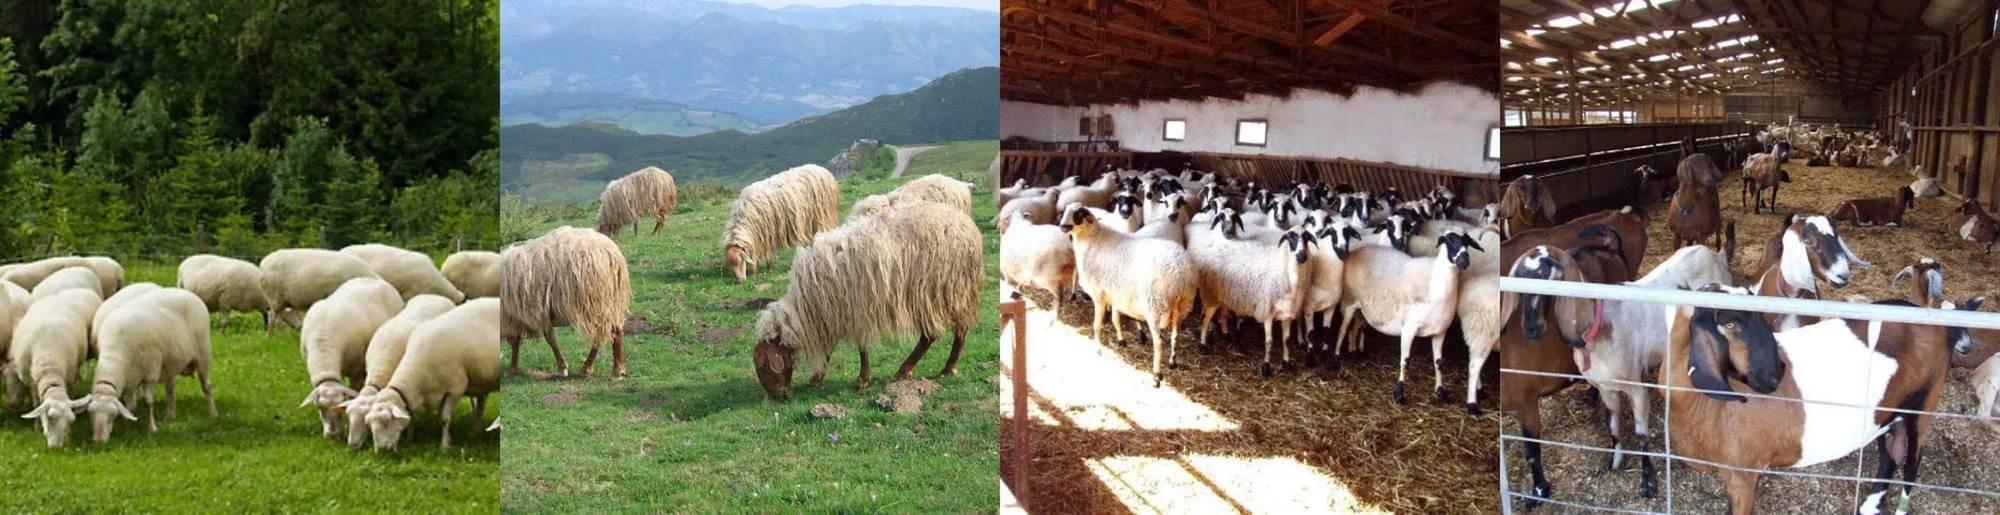 Кавказская бурая молочно-мясная порода коров